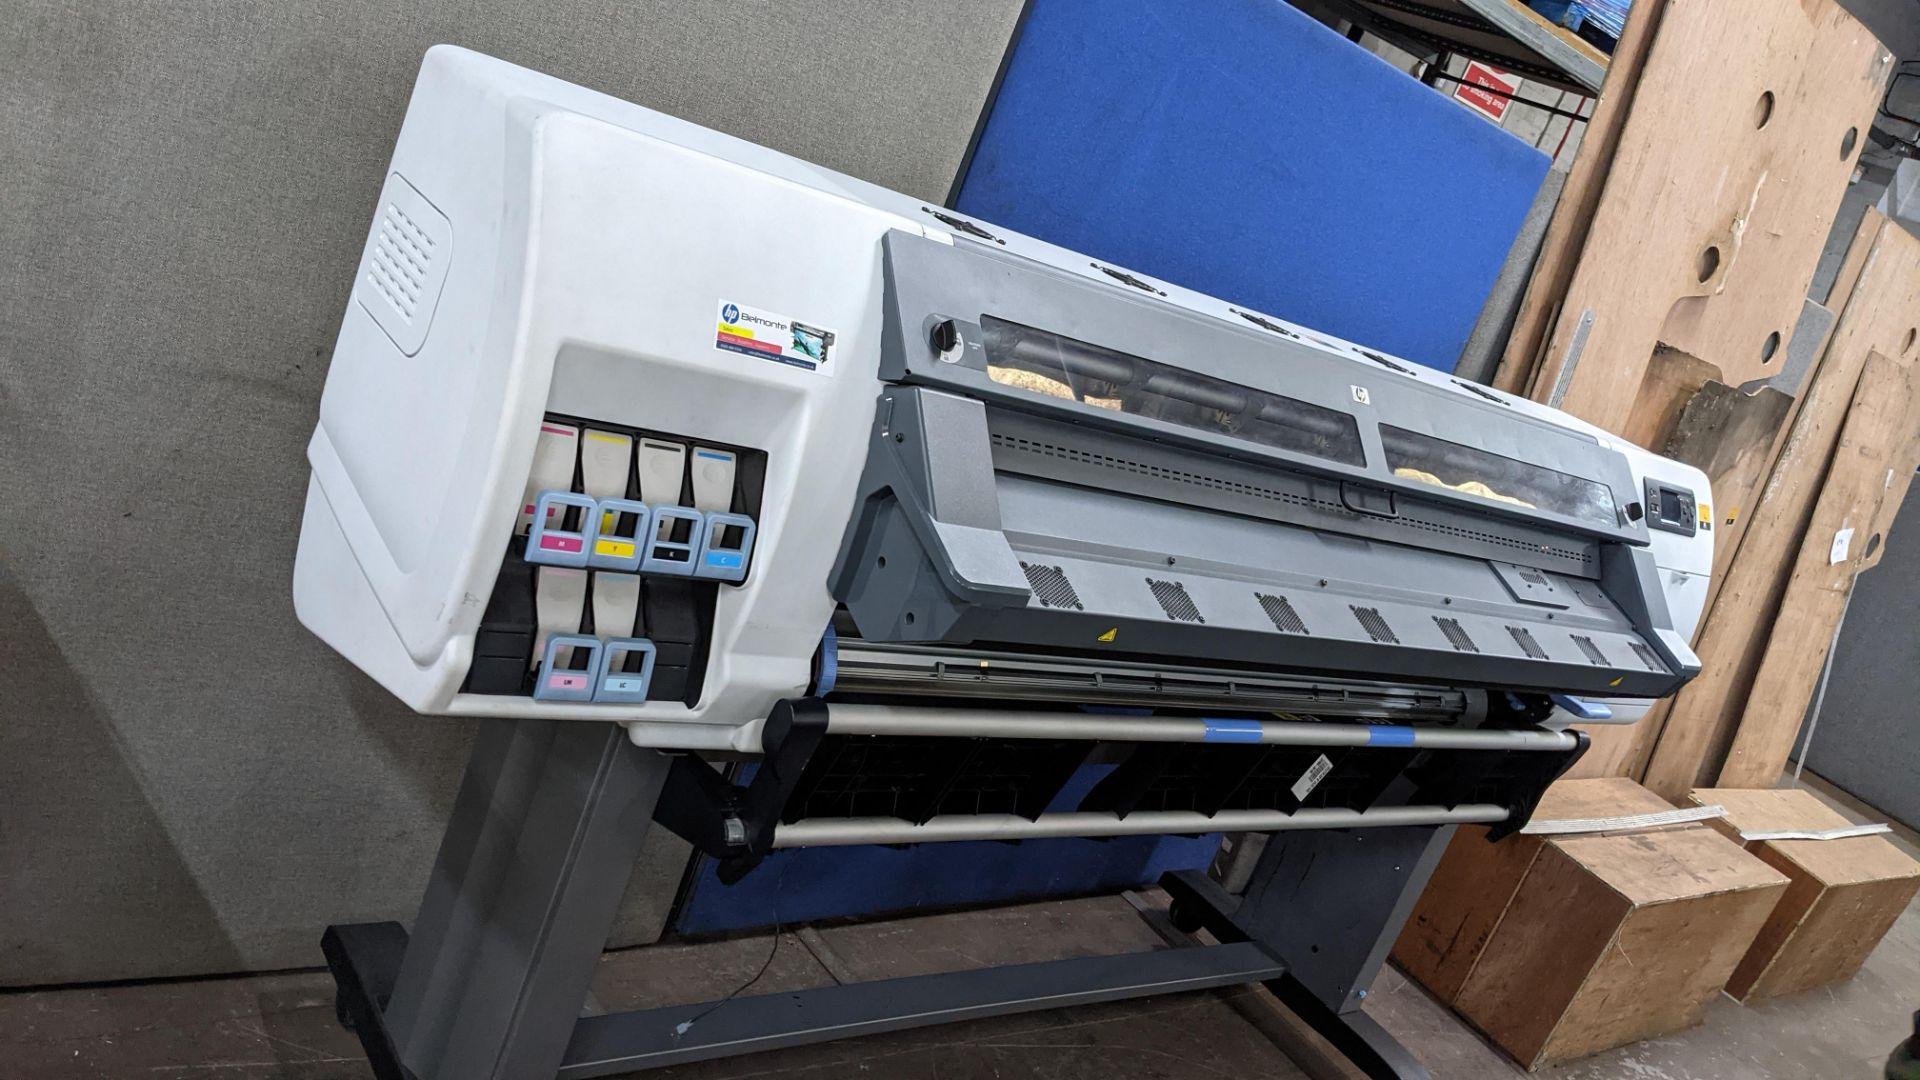 HP DesignJet L25500 wide format printer - Image 3 of 9